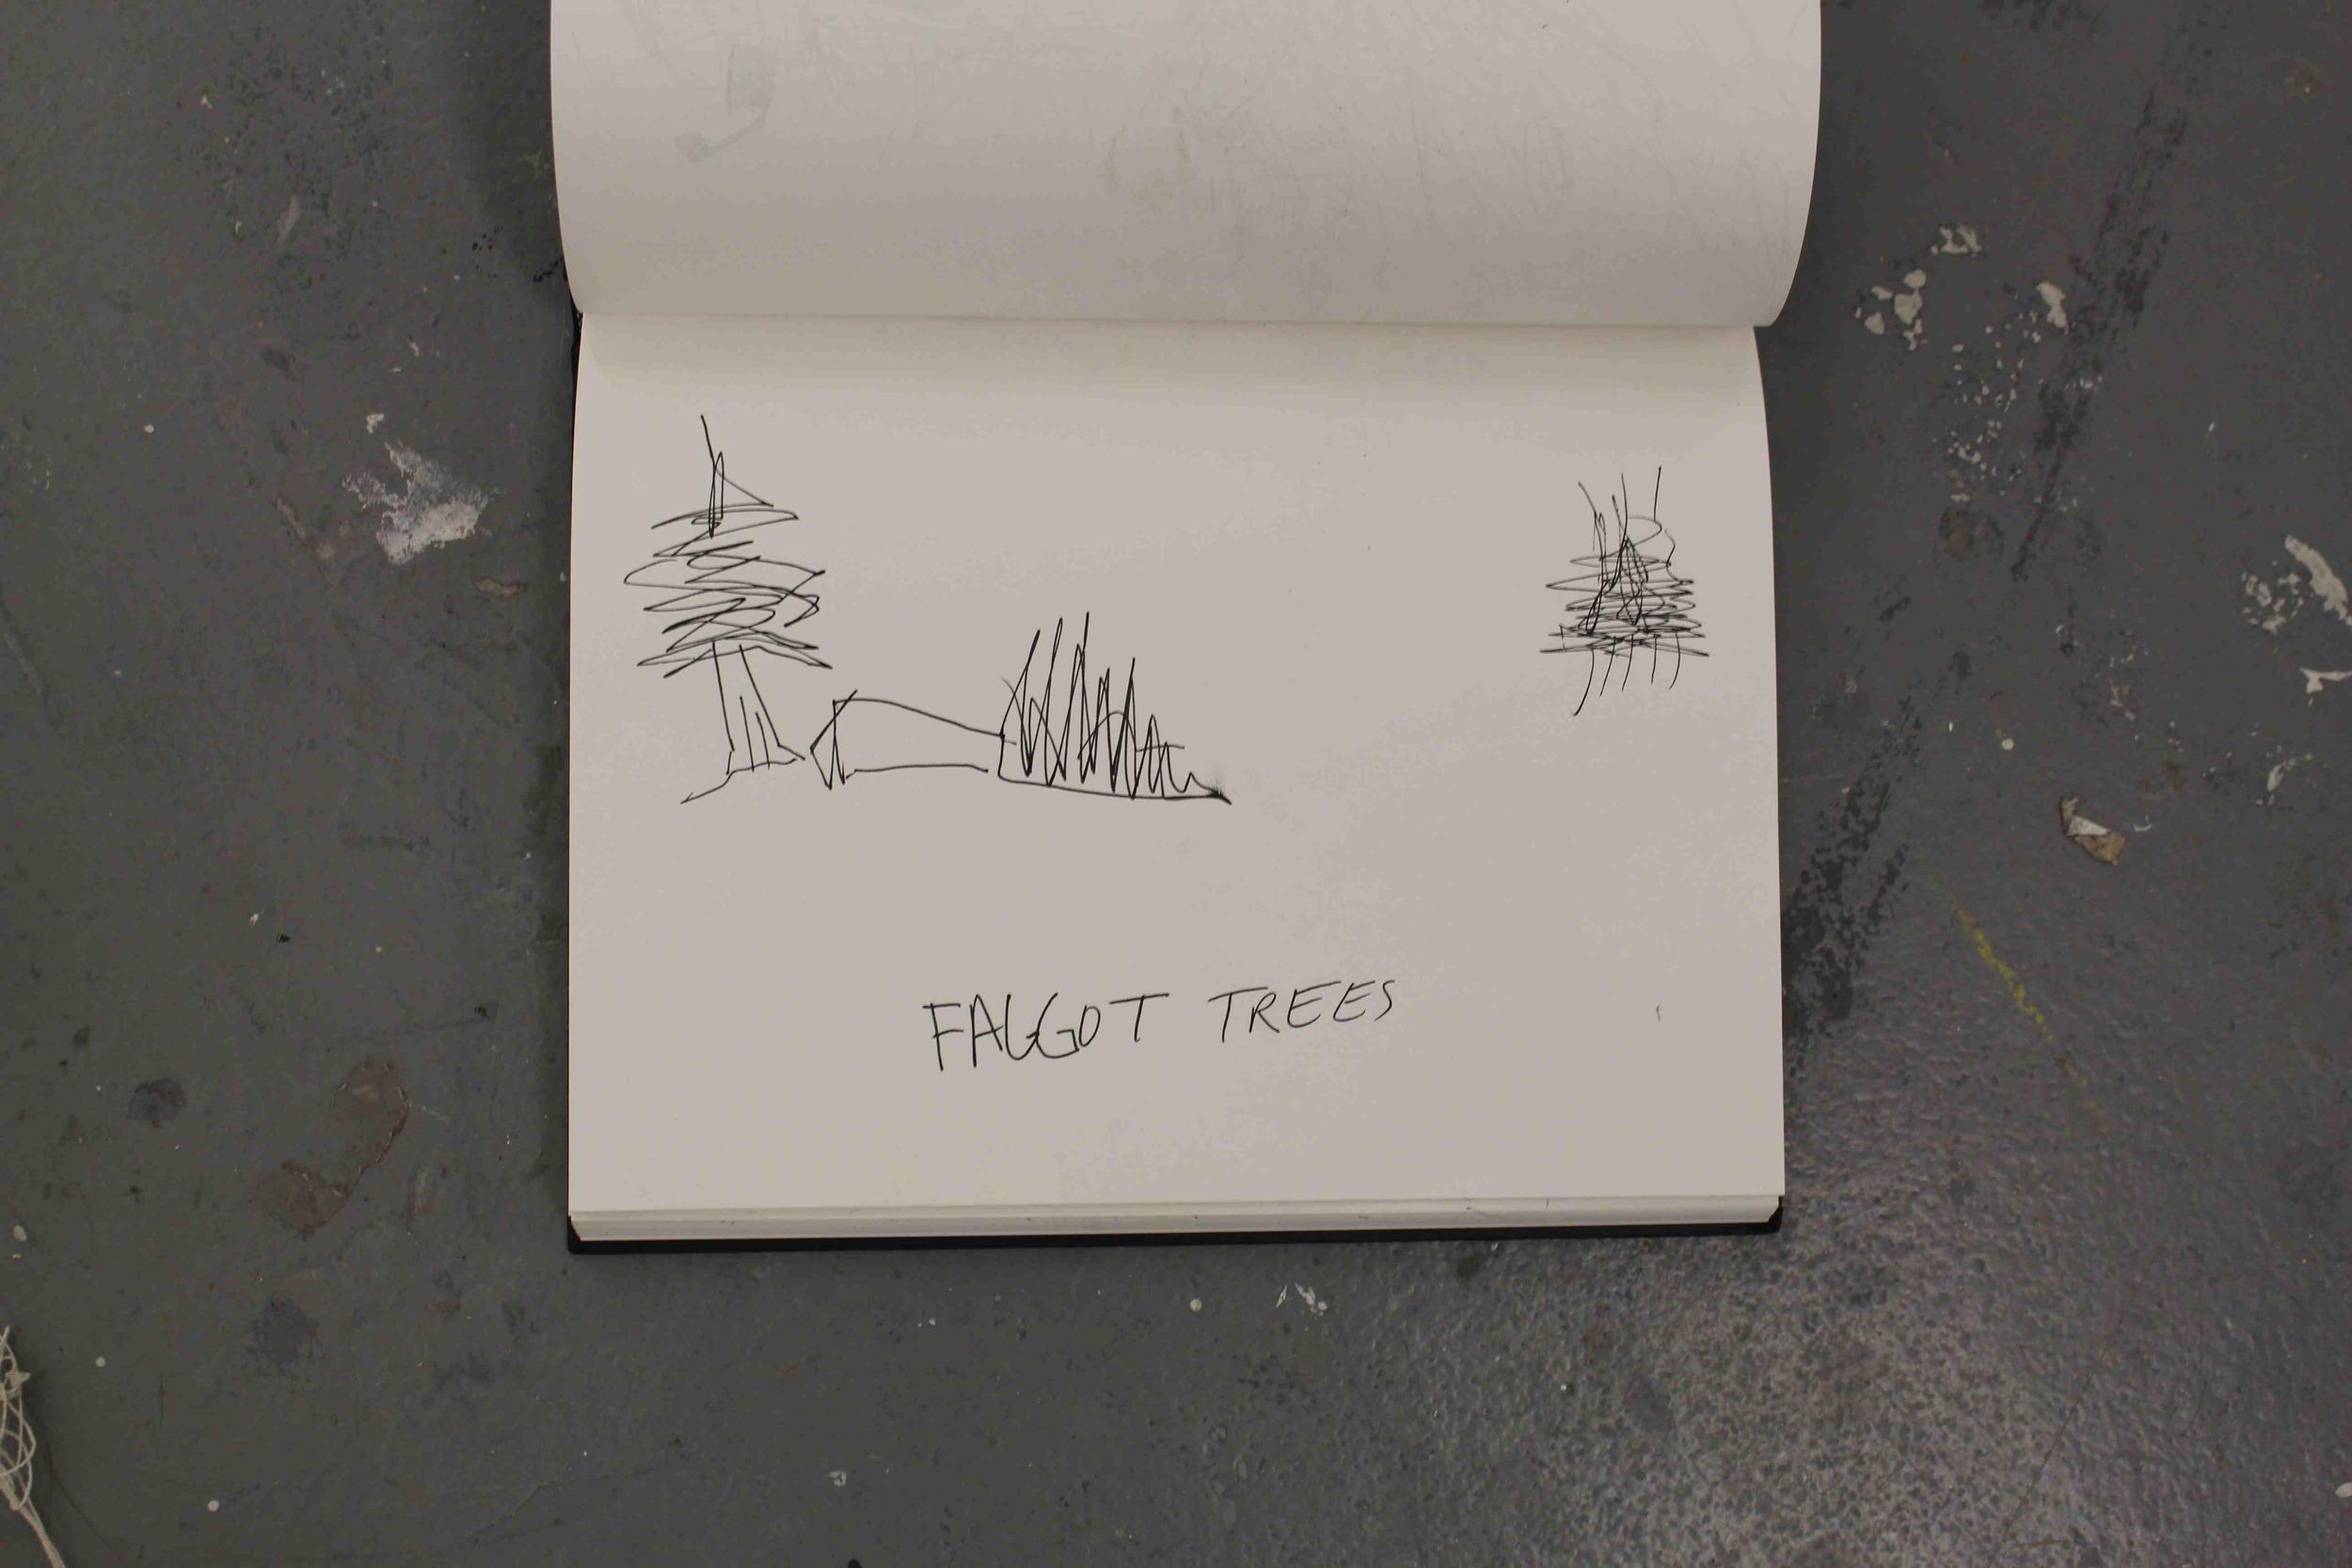 f trees.jpg